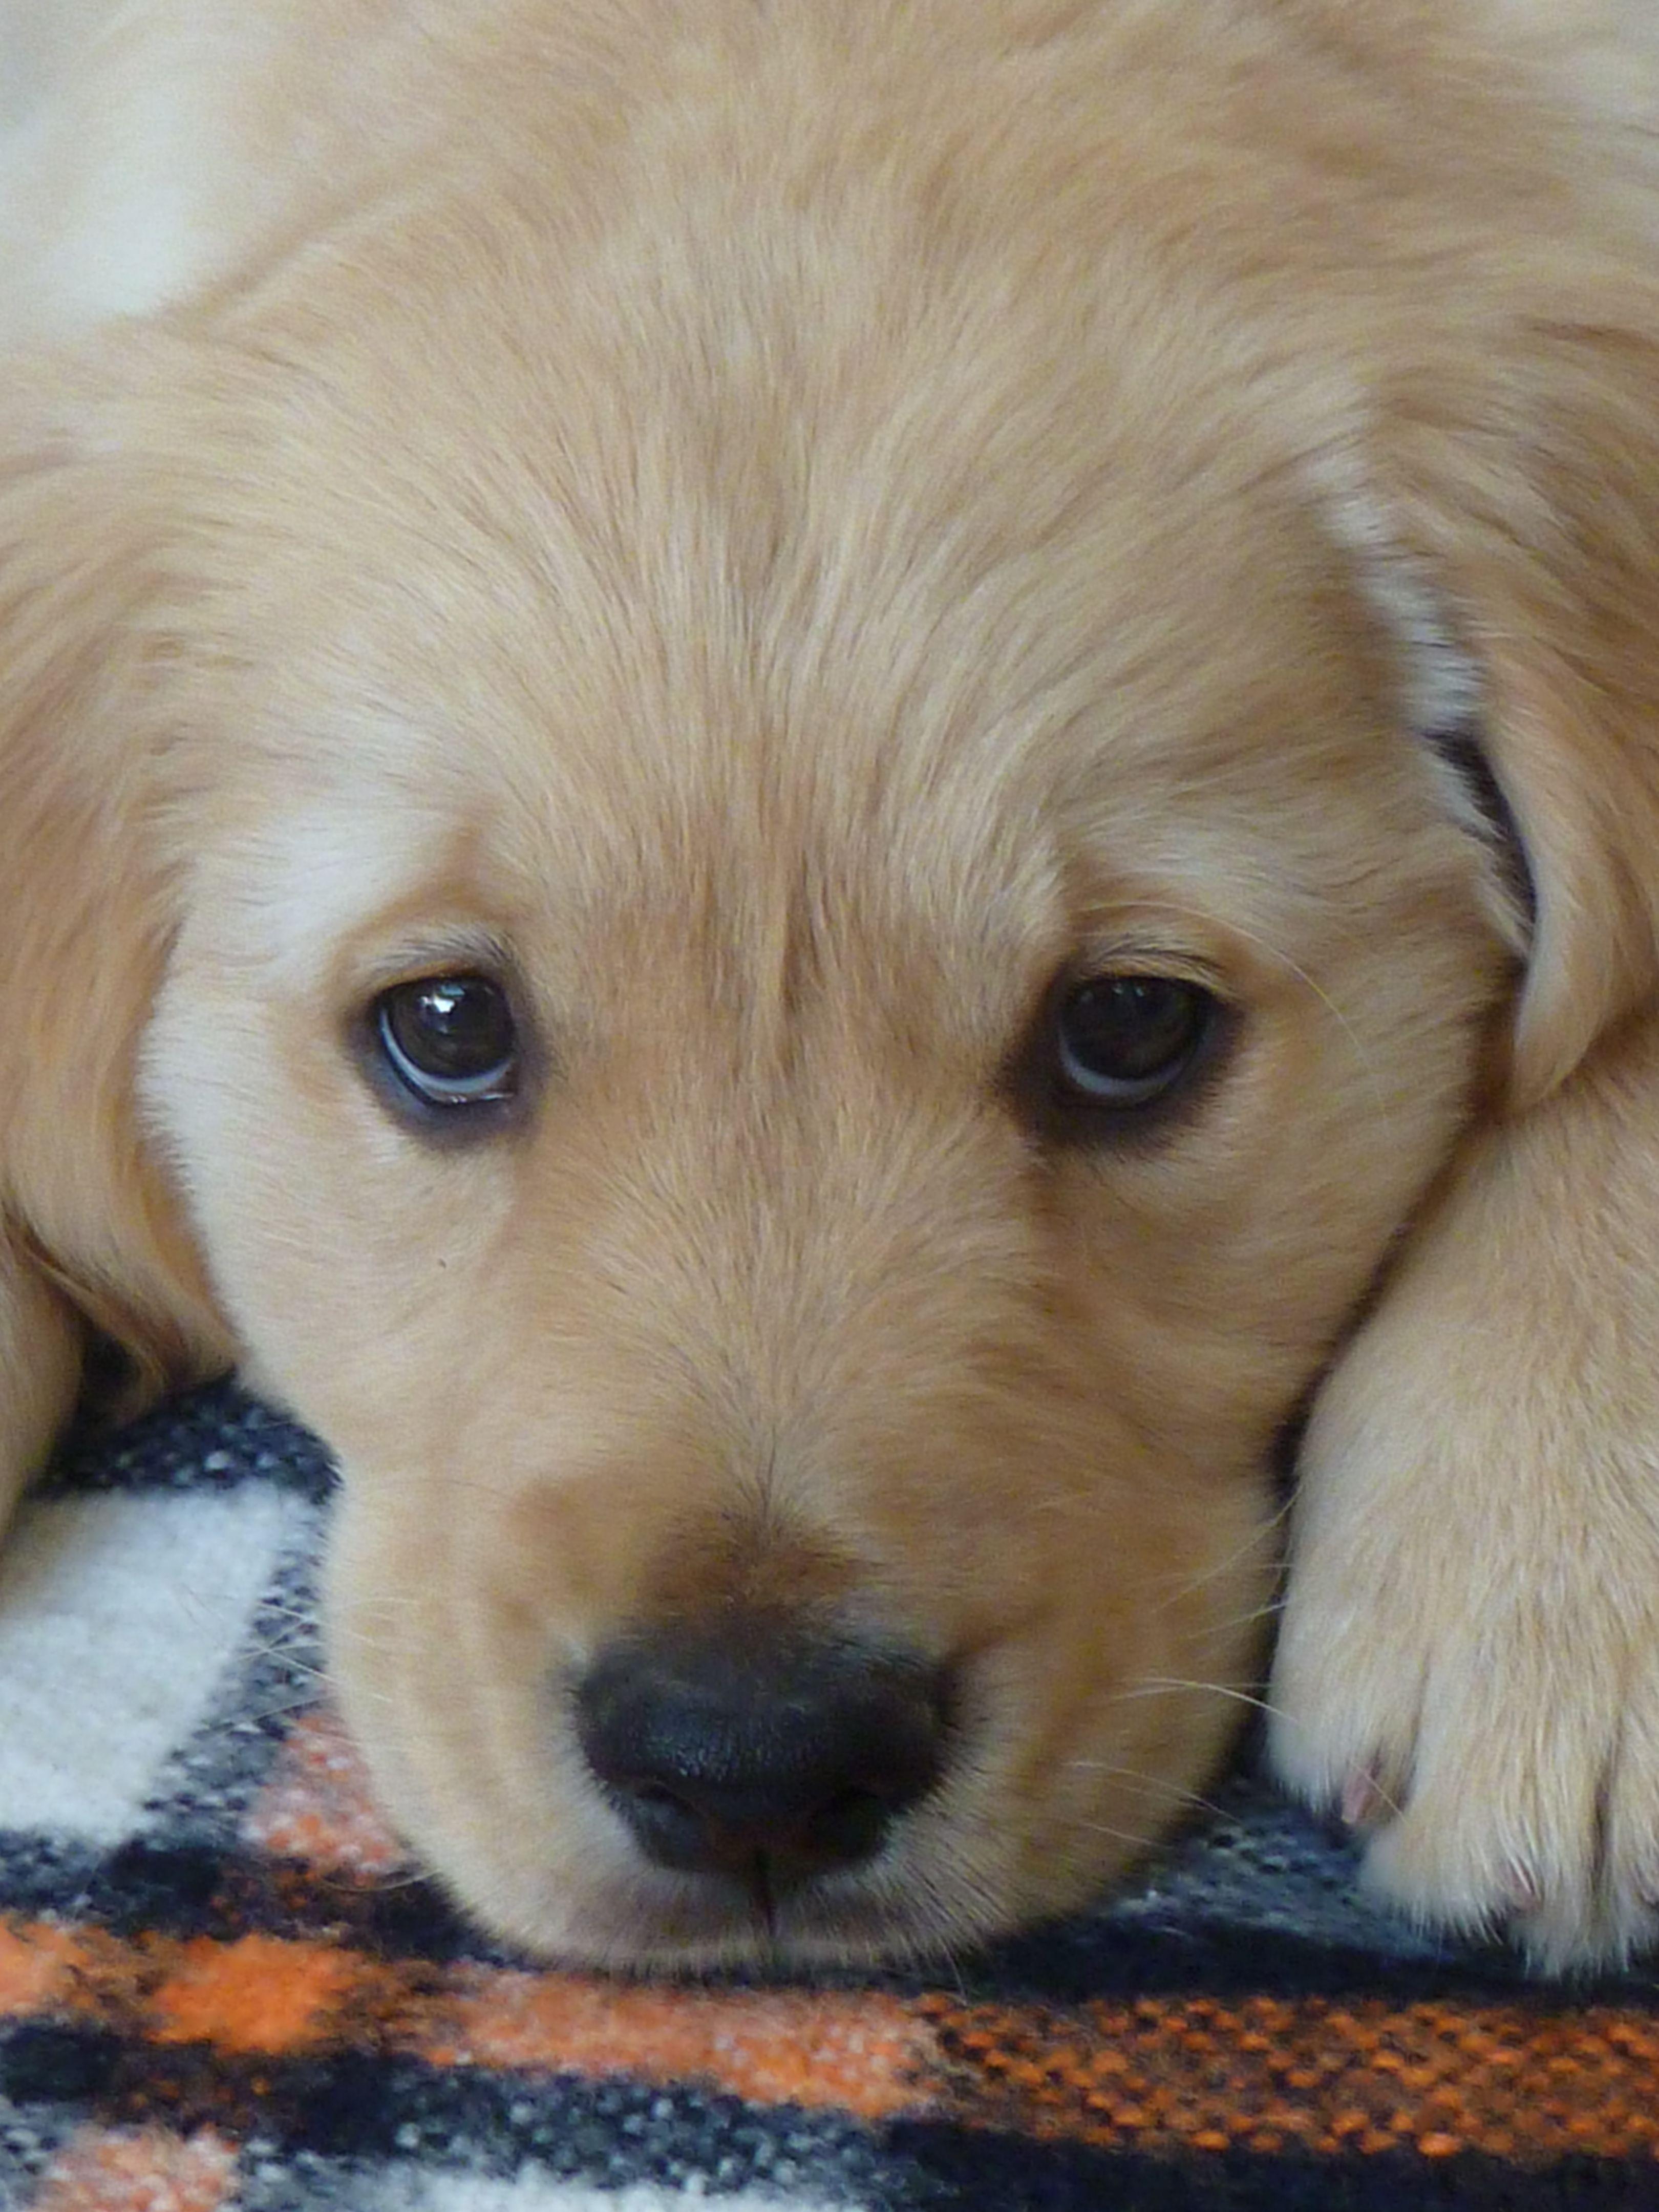 Alleen die blik al... Golden retriever, Best dogs for